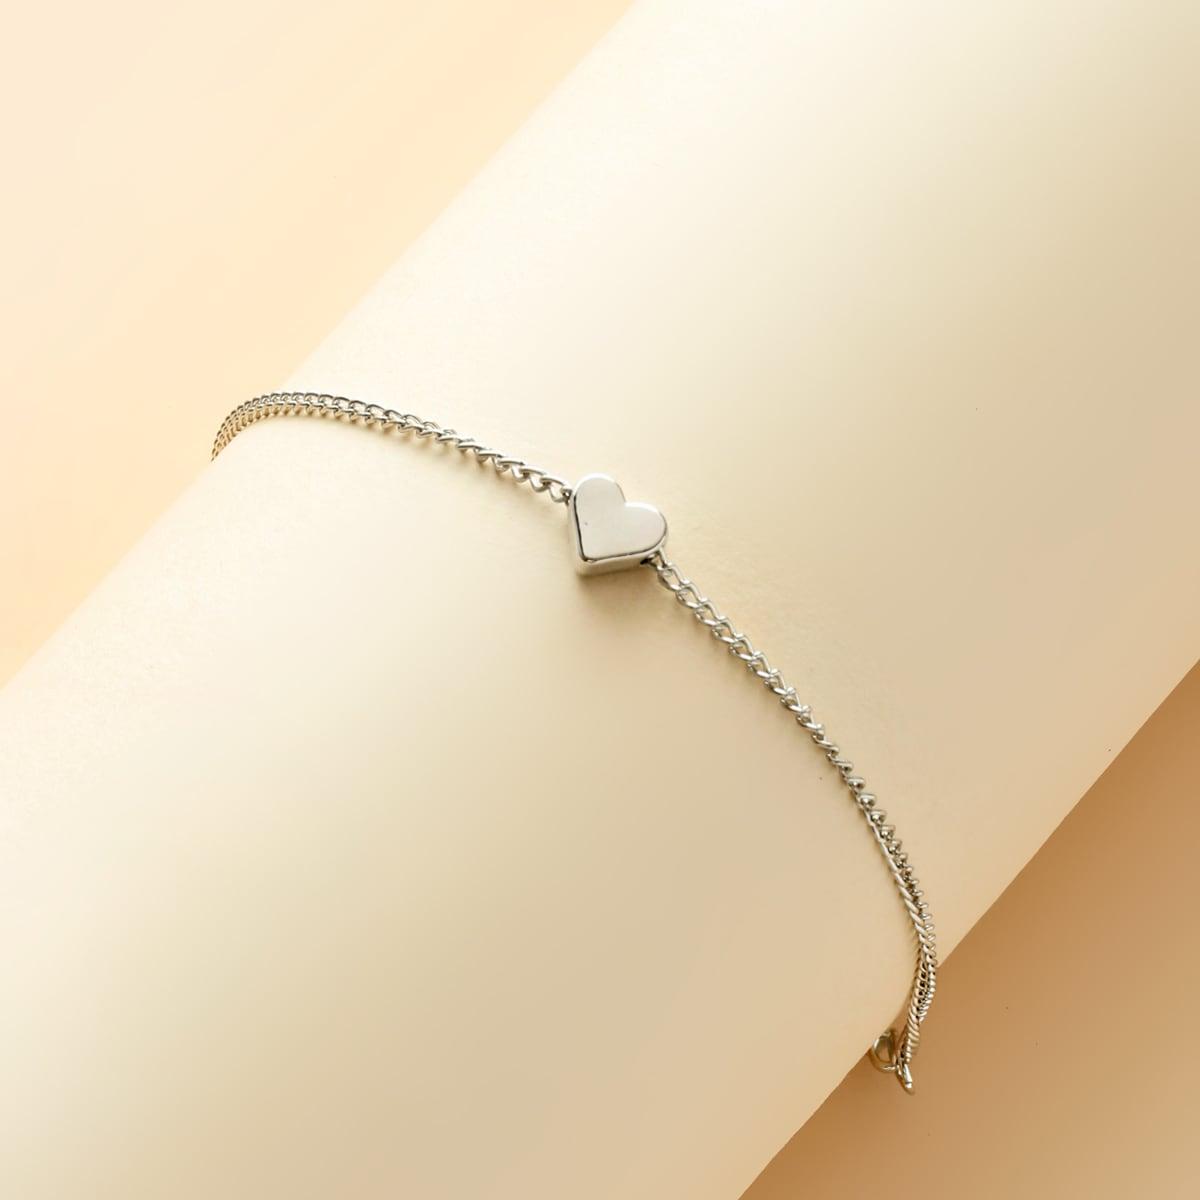 Ножной браслет с декором сердечка для девочек фото